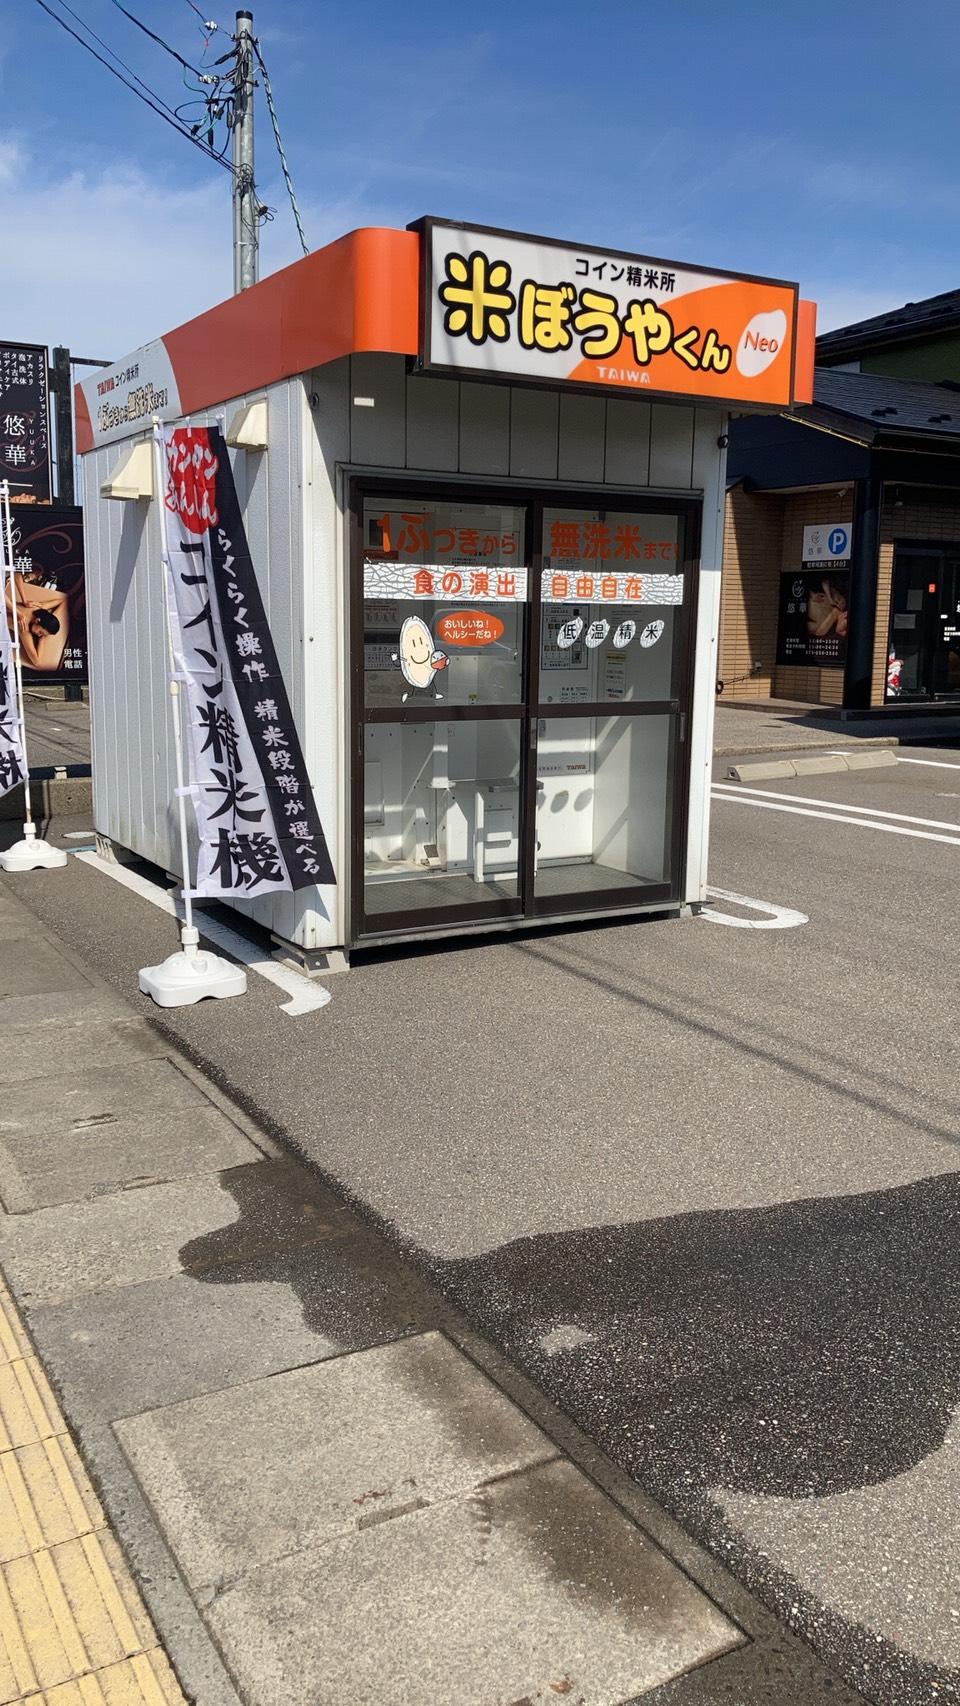 精米機 御経塚サウス店